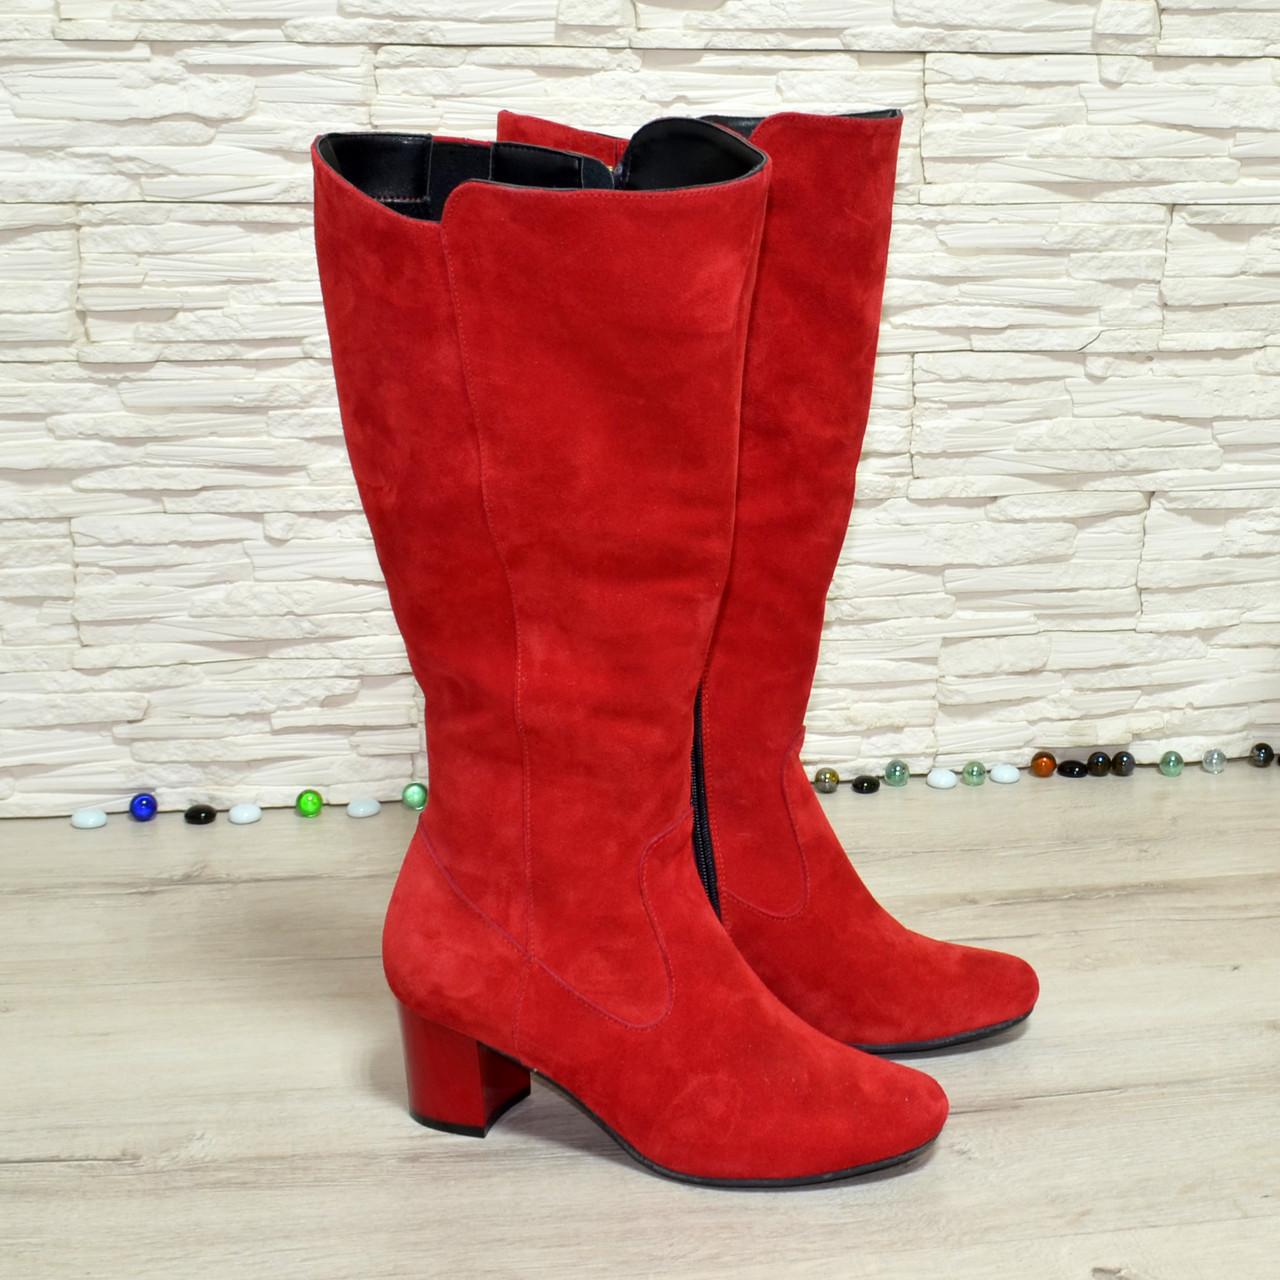 Сапоги женские замшевые на невысоком каблуке, цвет красный